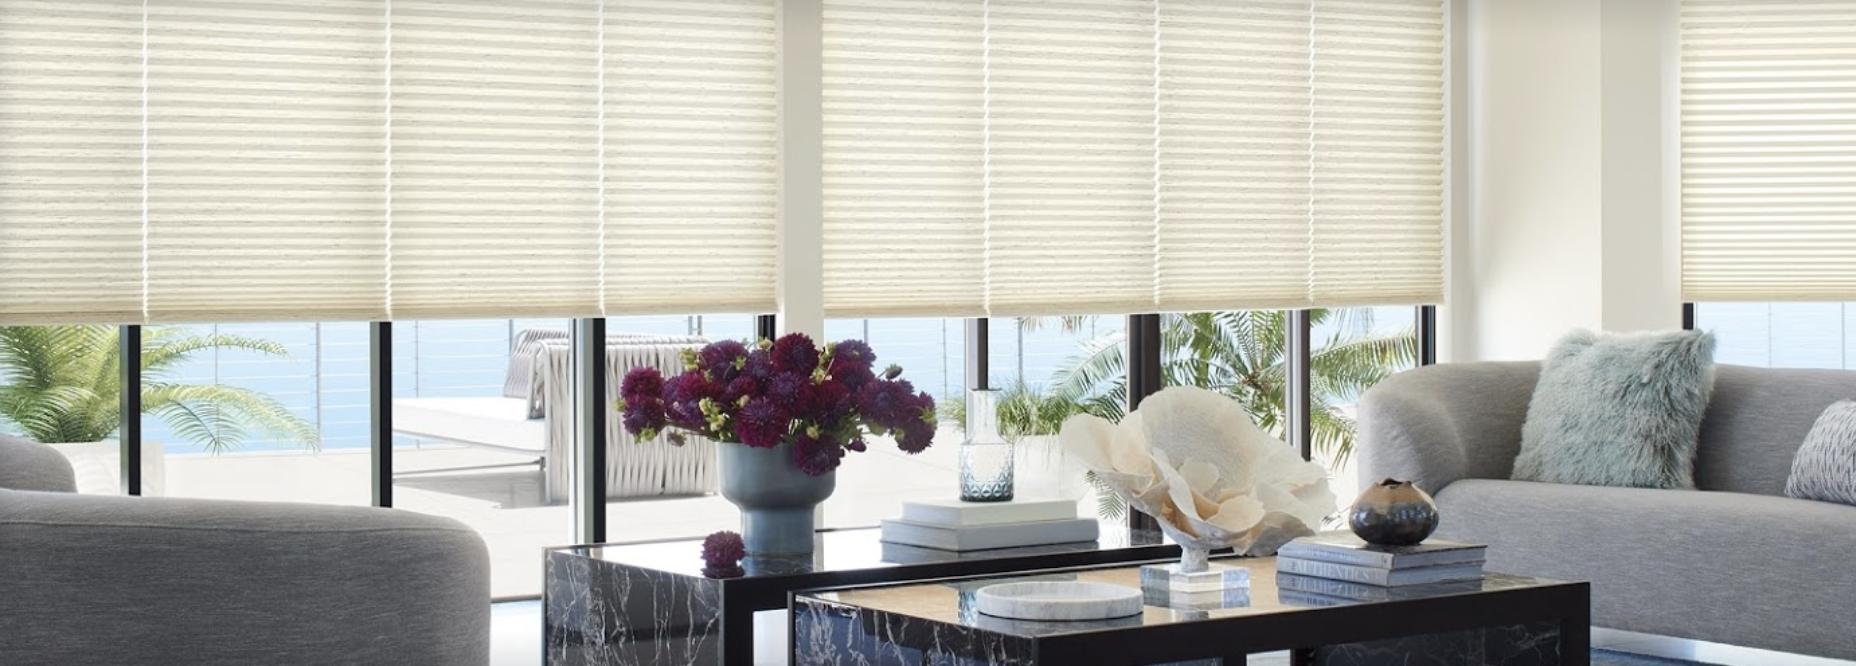 Rebarts Interiors reviews | Shades & Blinds at 253 State St - Los Altos CA